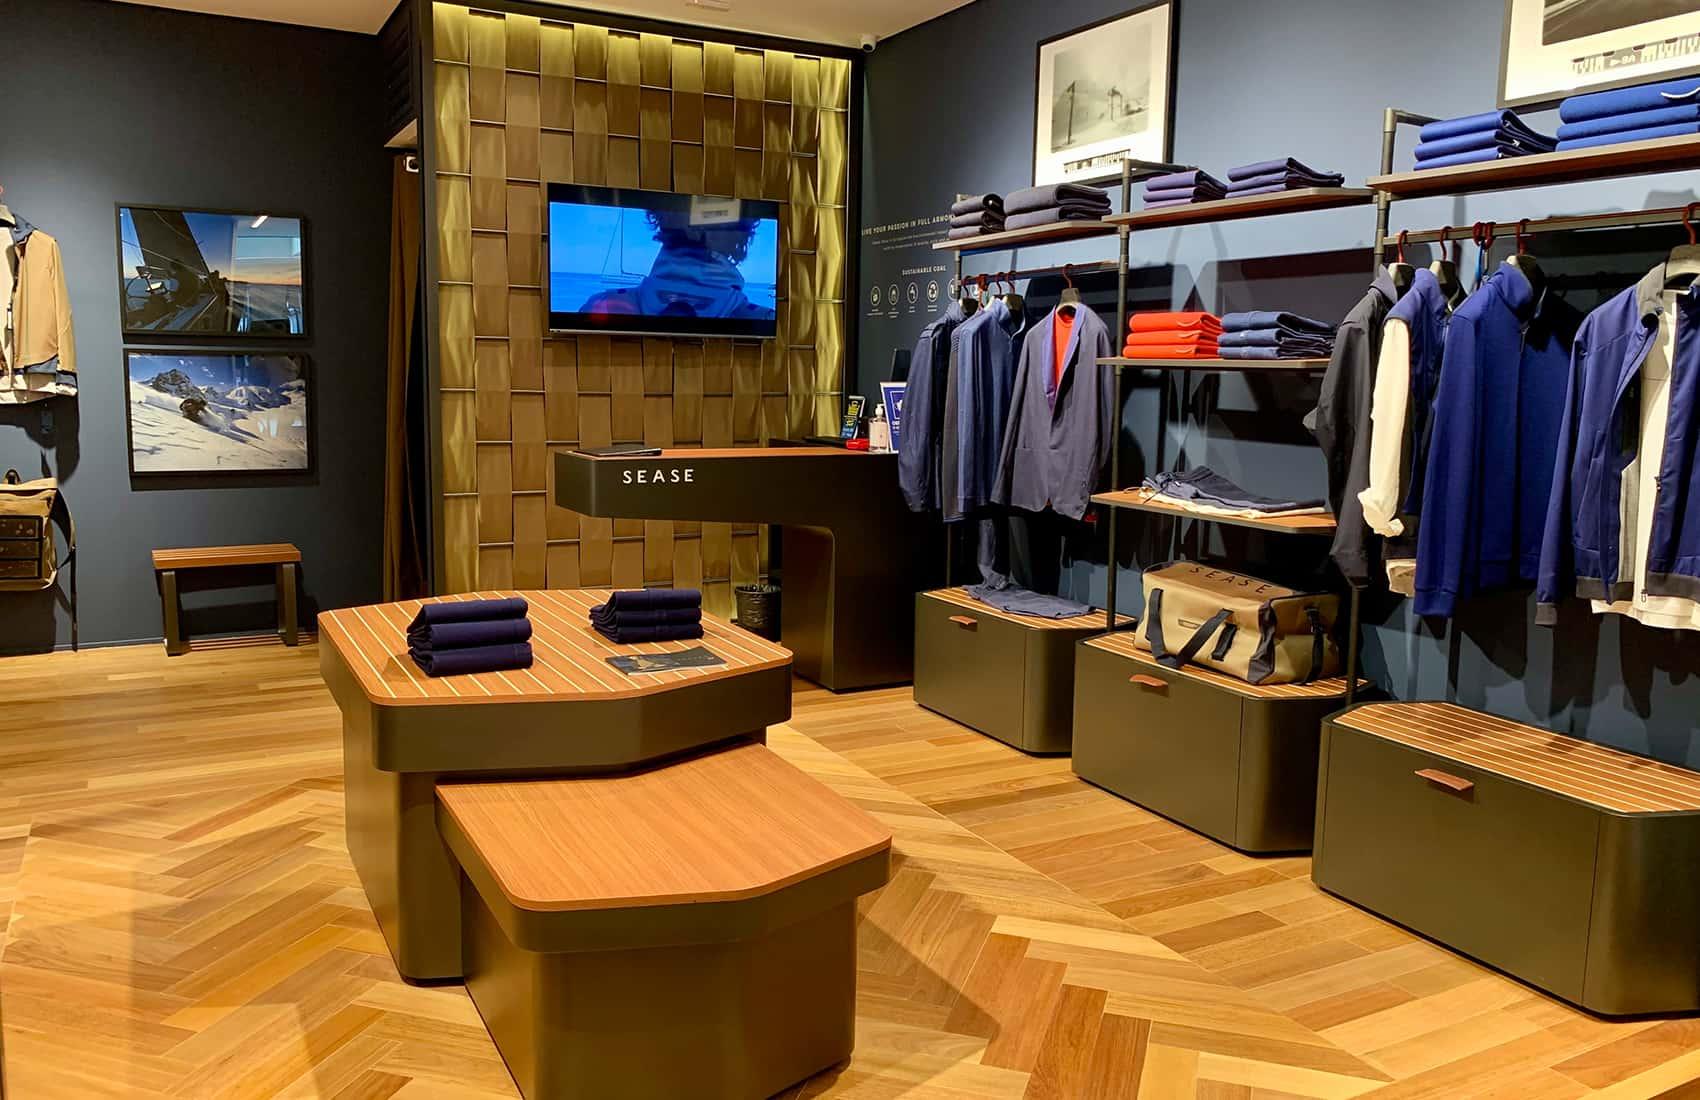 Sease Cj Shops 02